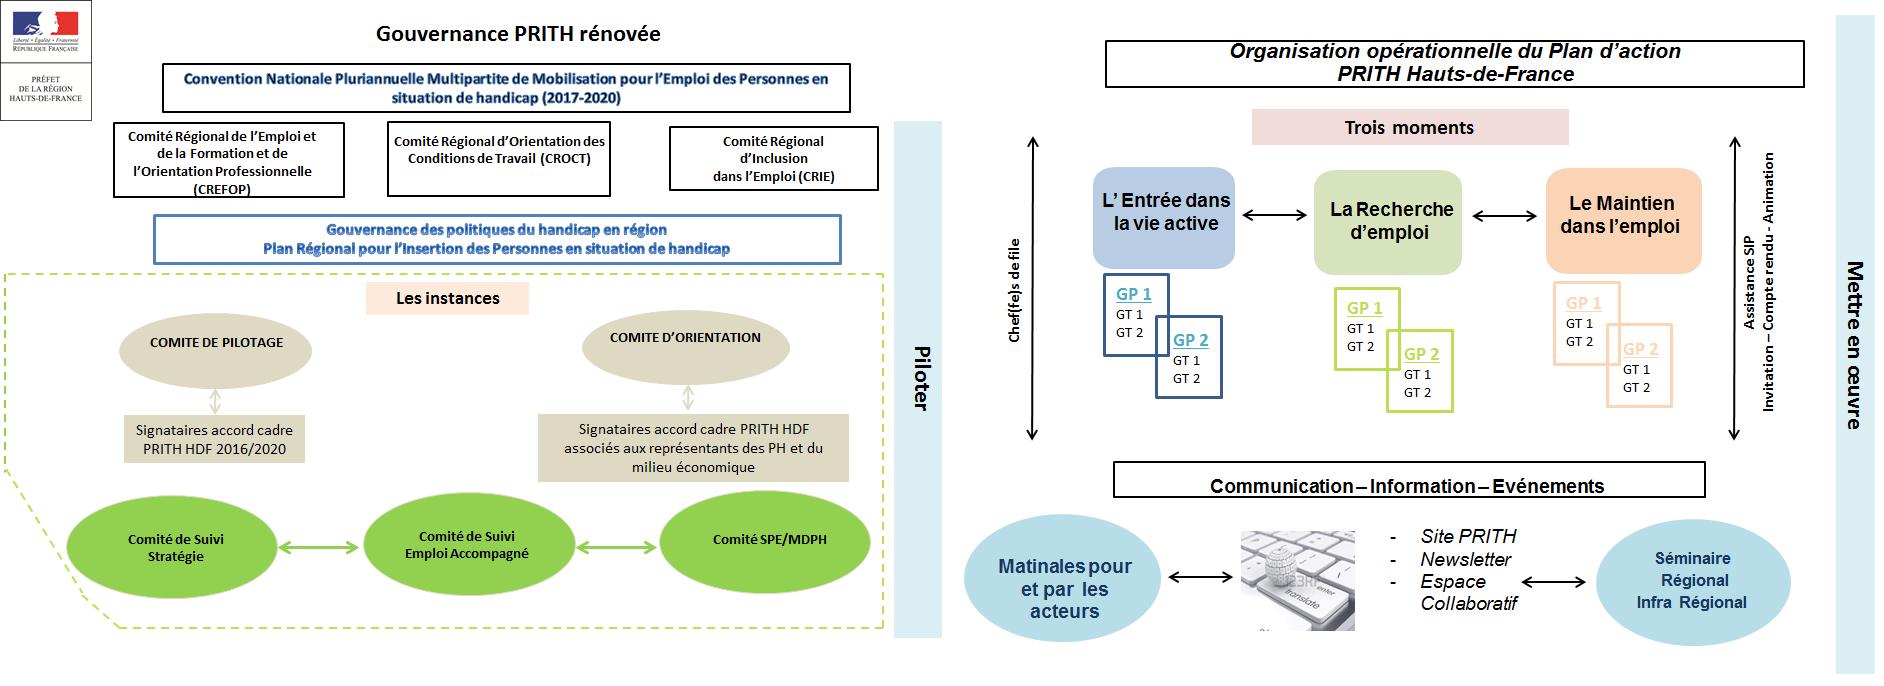 Un lien vers la version accessible du schéma Gouvernance PRITH rénovée est disponible sous l'image